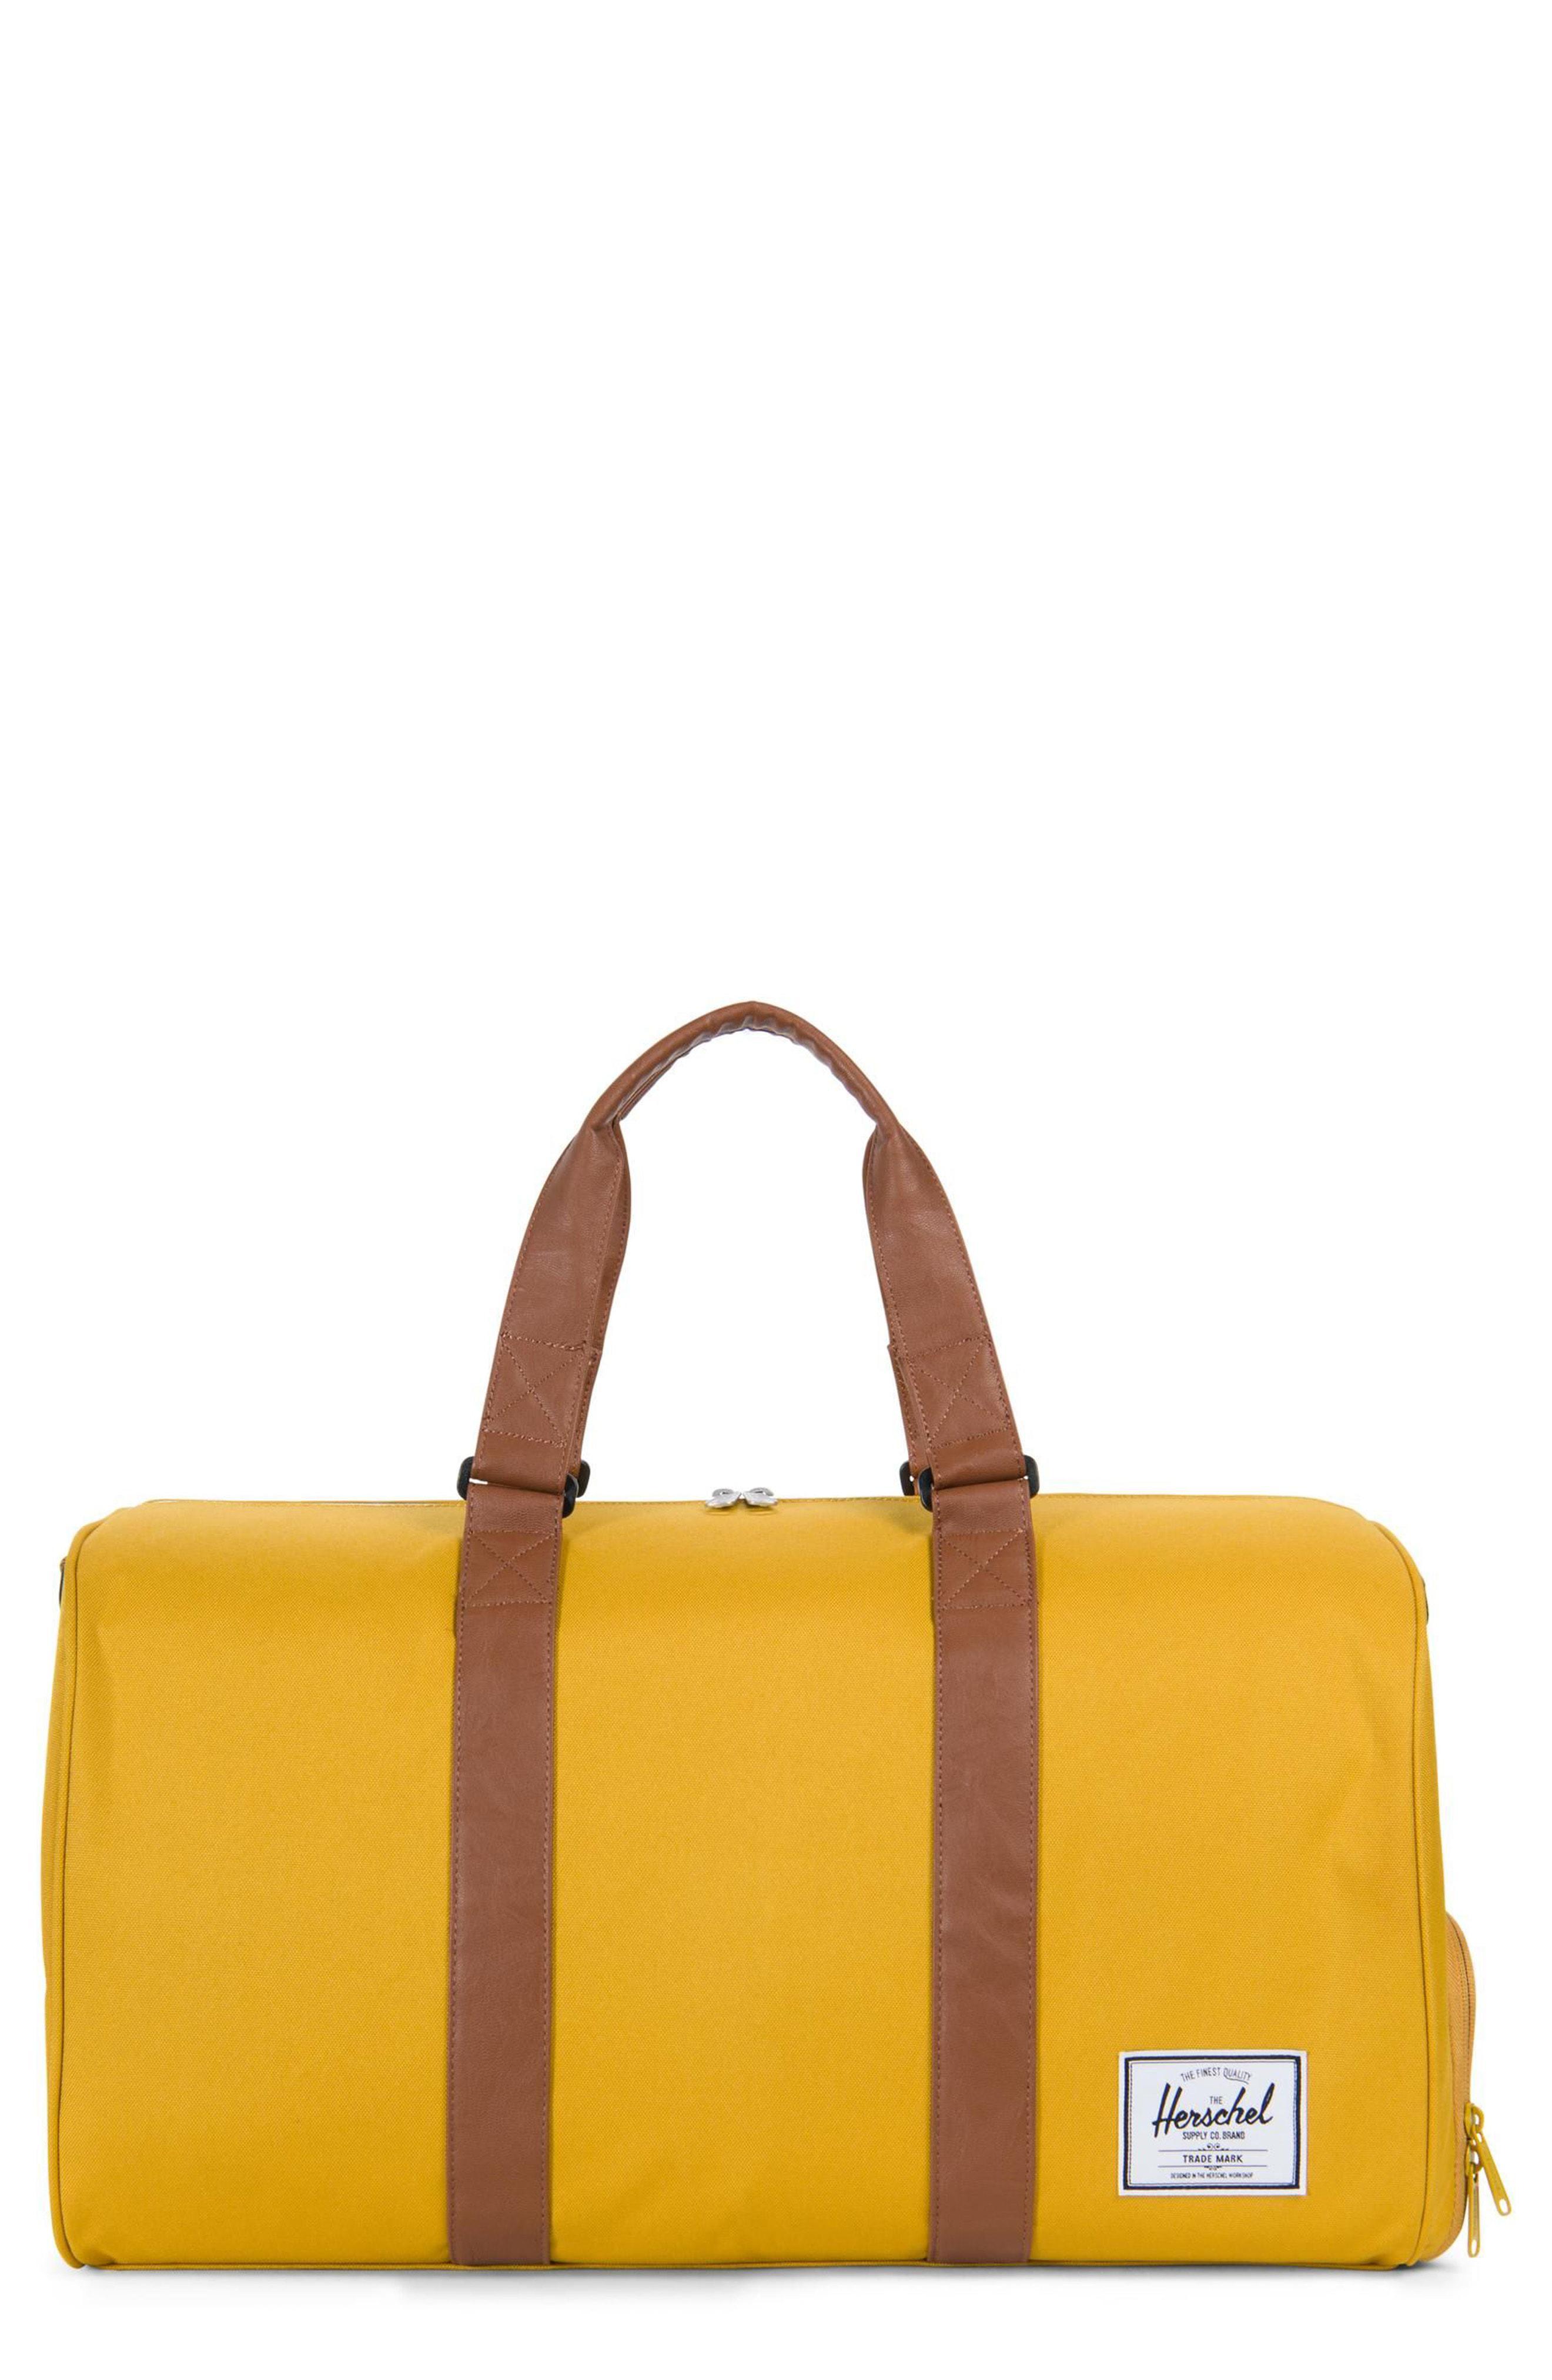 0b8d78cc06 Lyst - Herschel Supply Co. Novel Duffel Bag in Yellow for Men